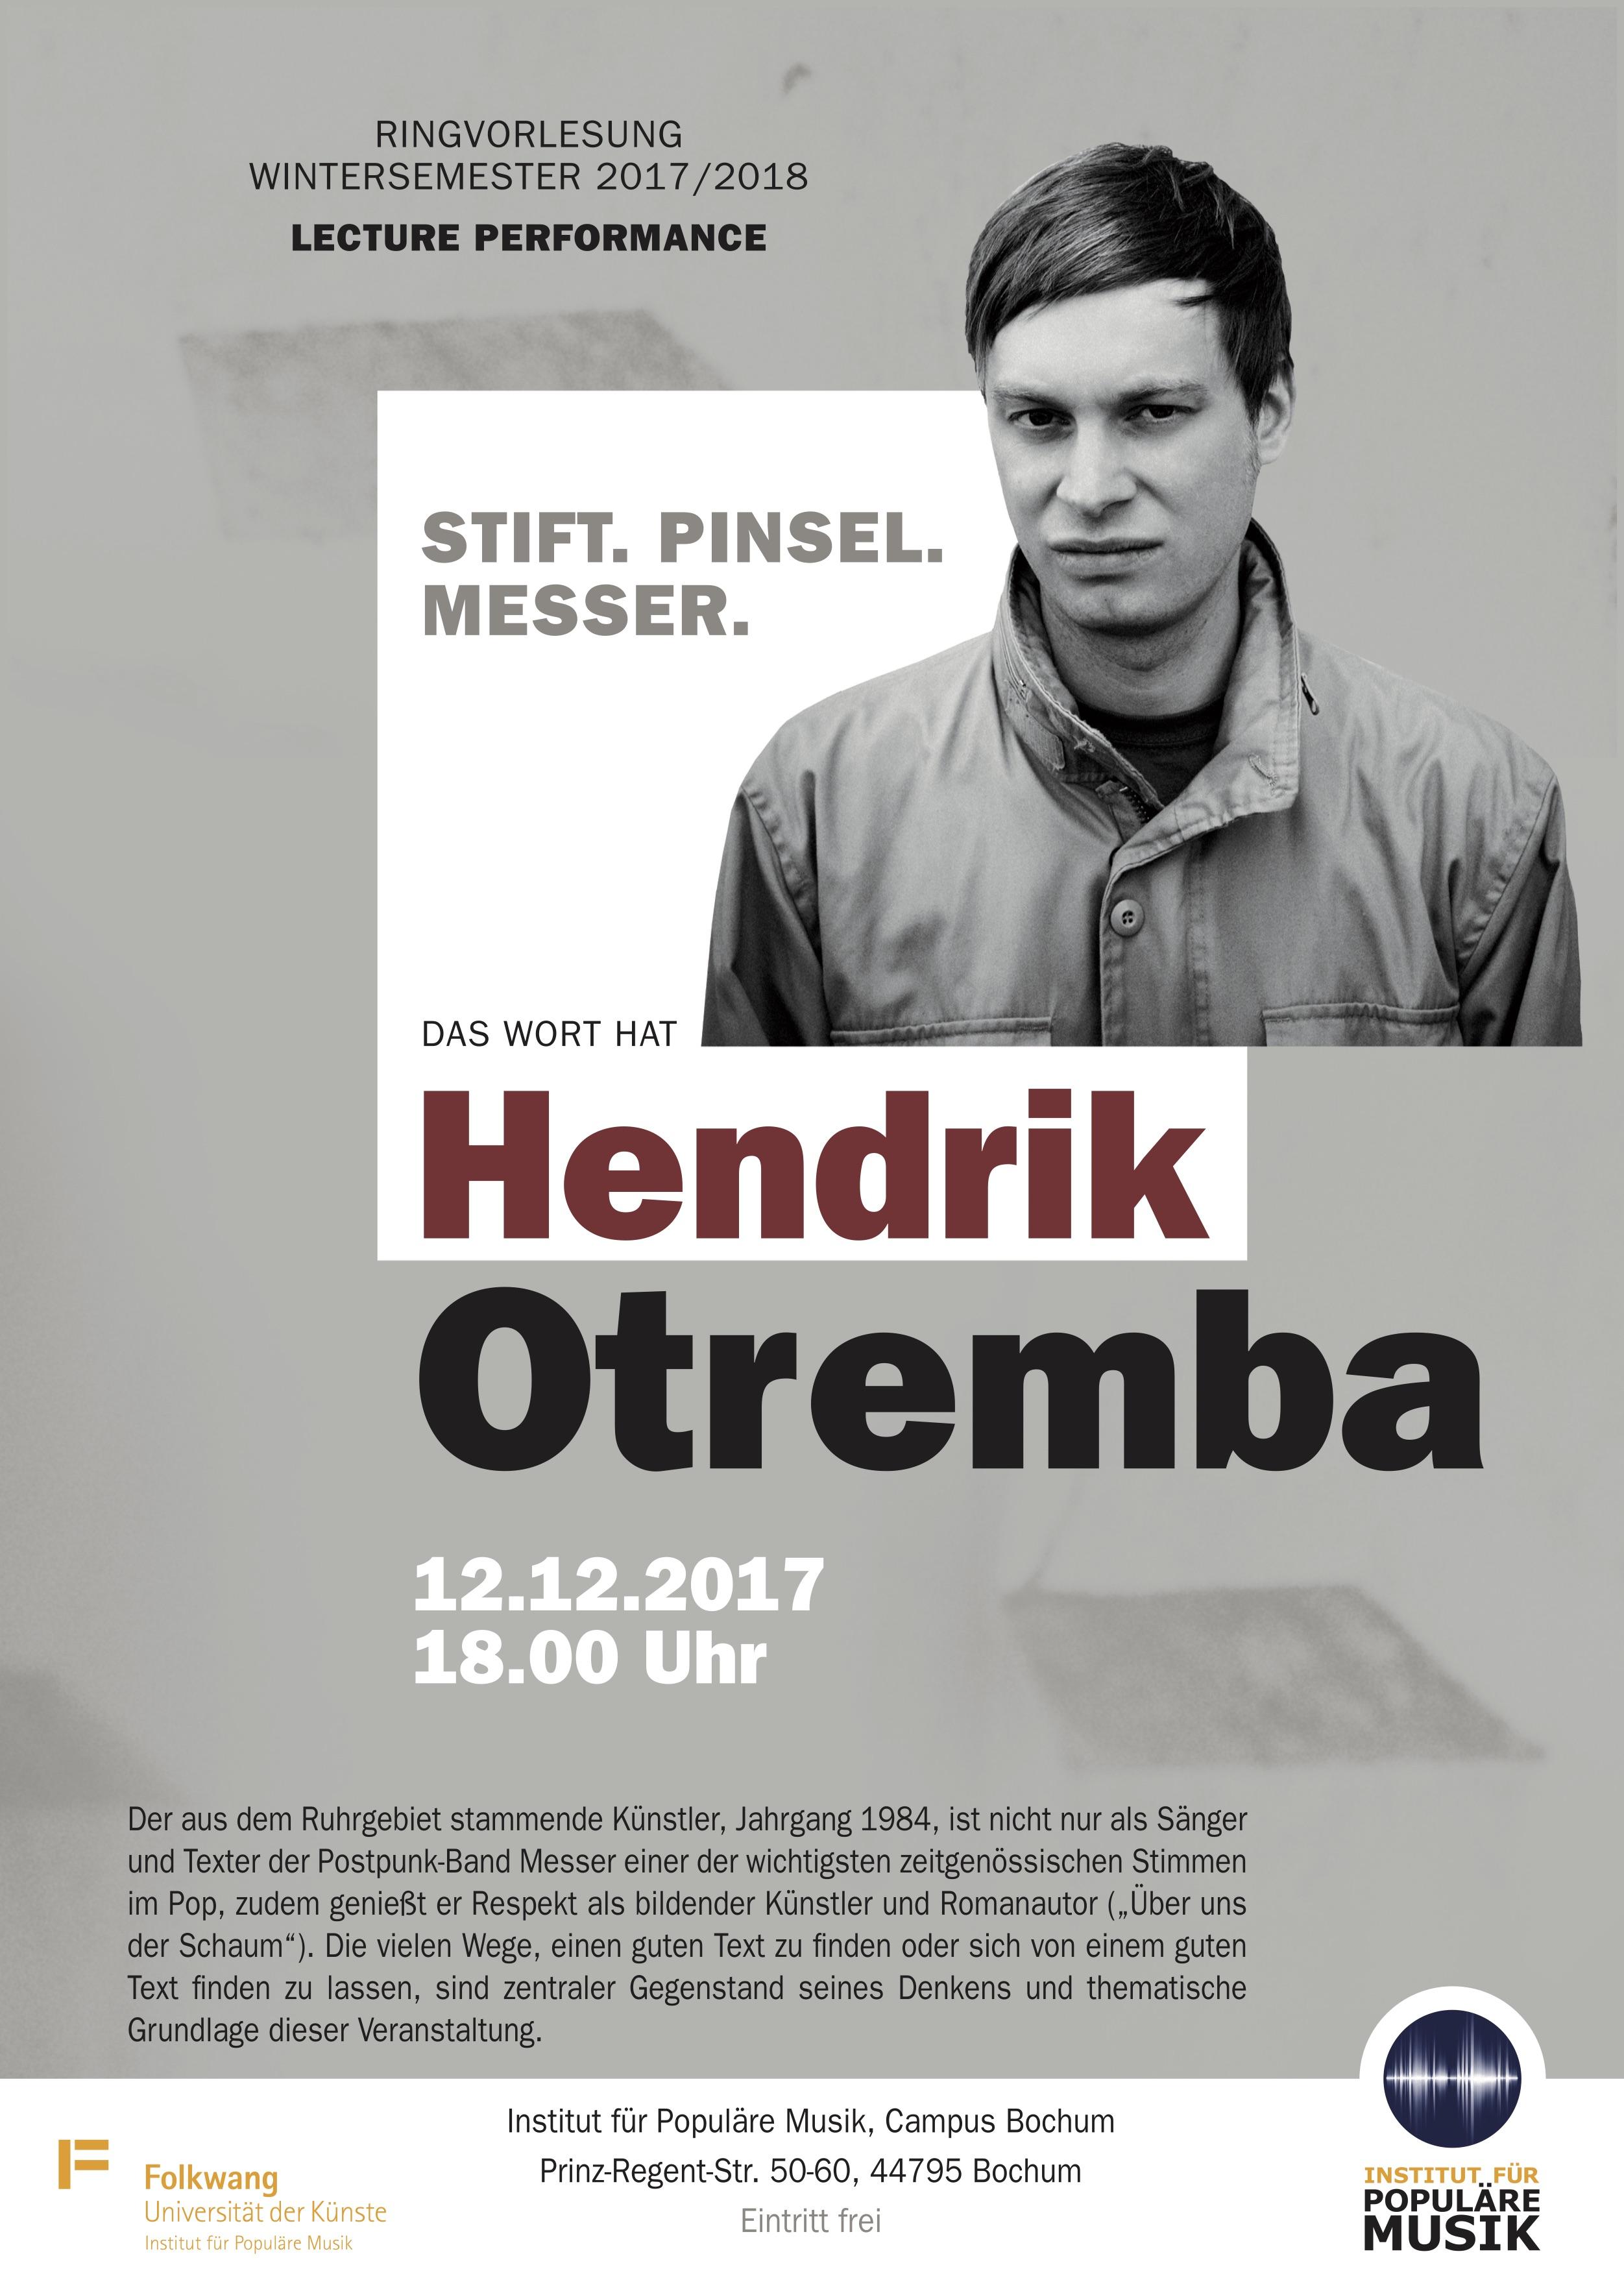 Hendrik Otremba